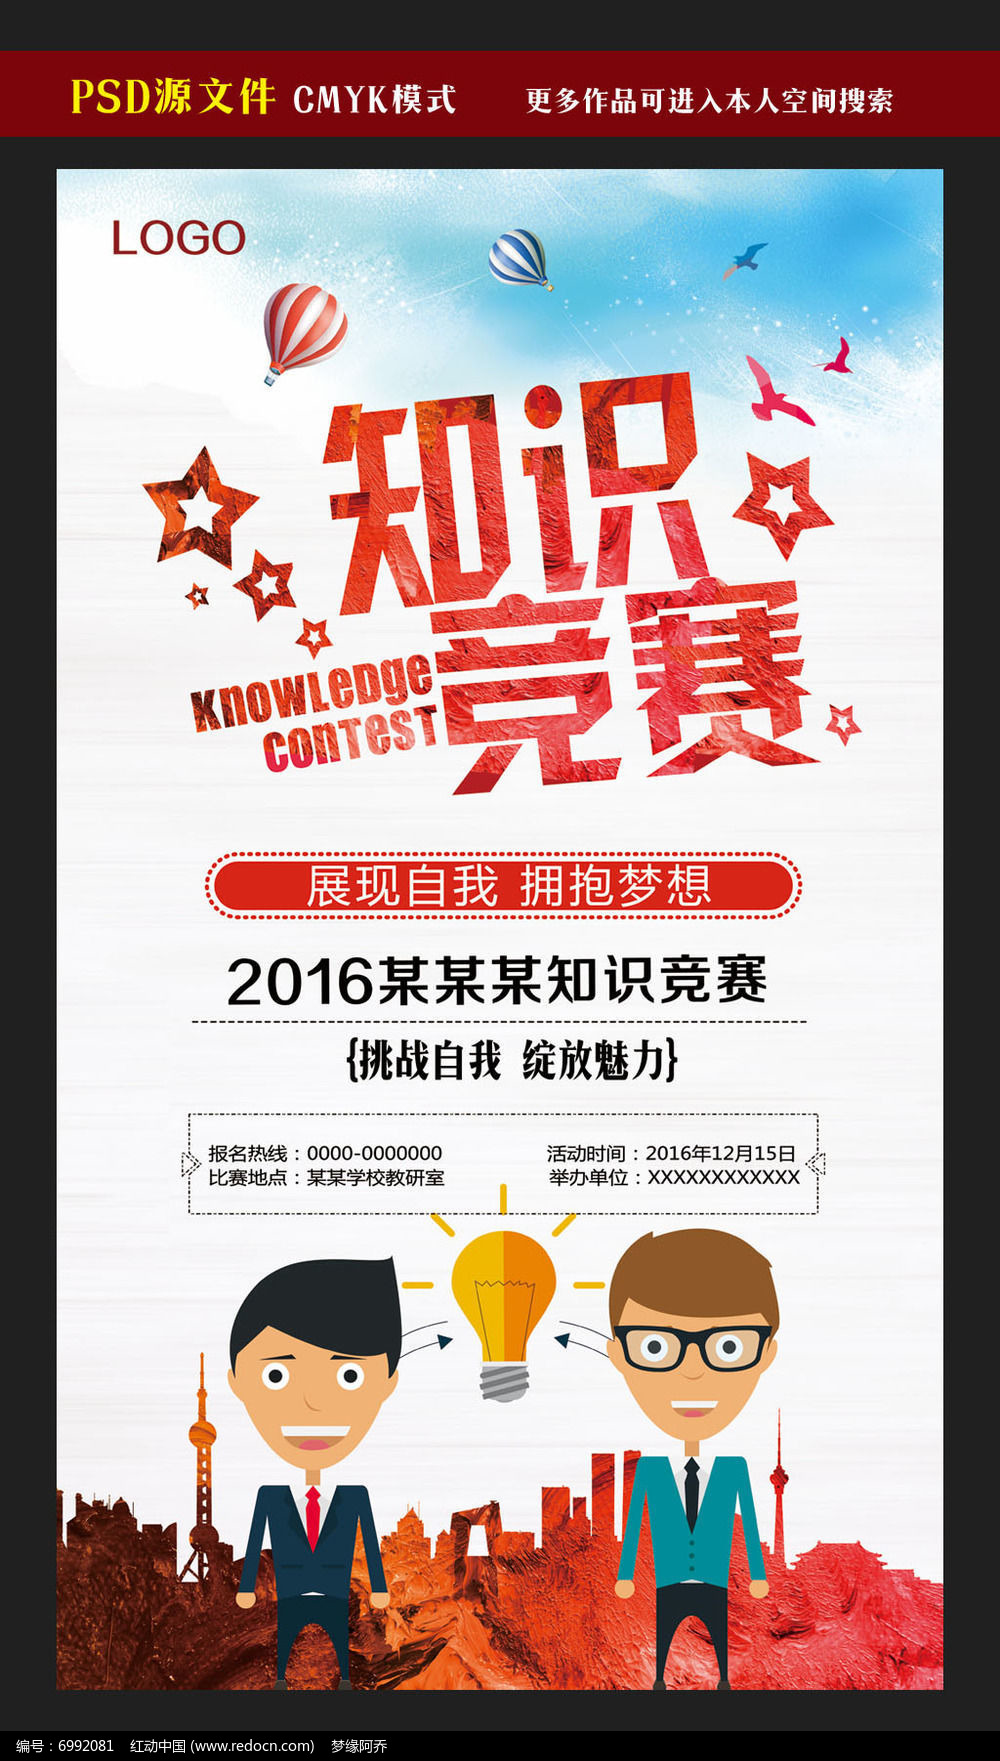 知识竞赛宣传海报模板